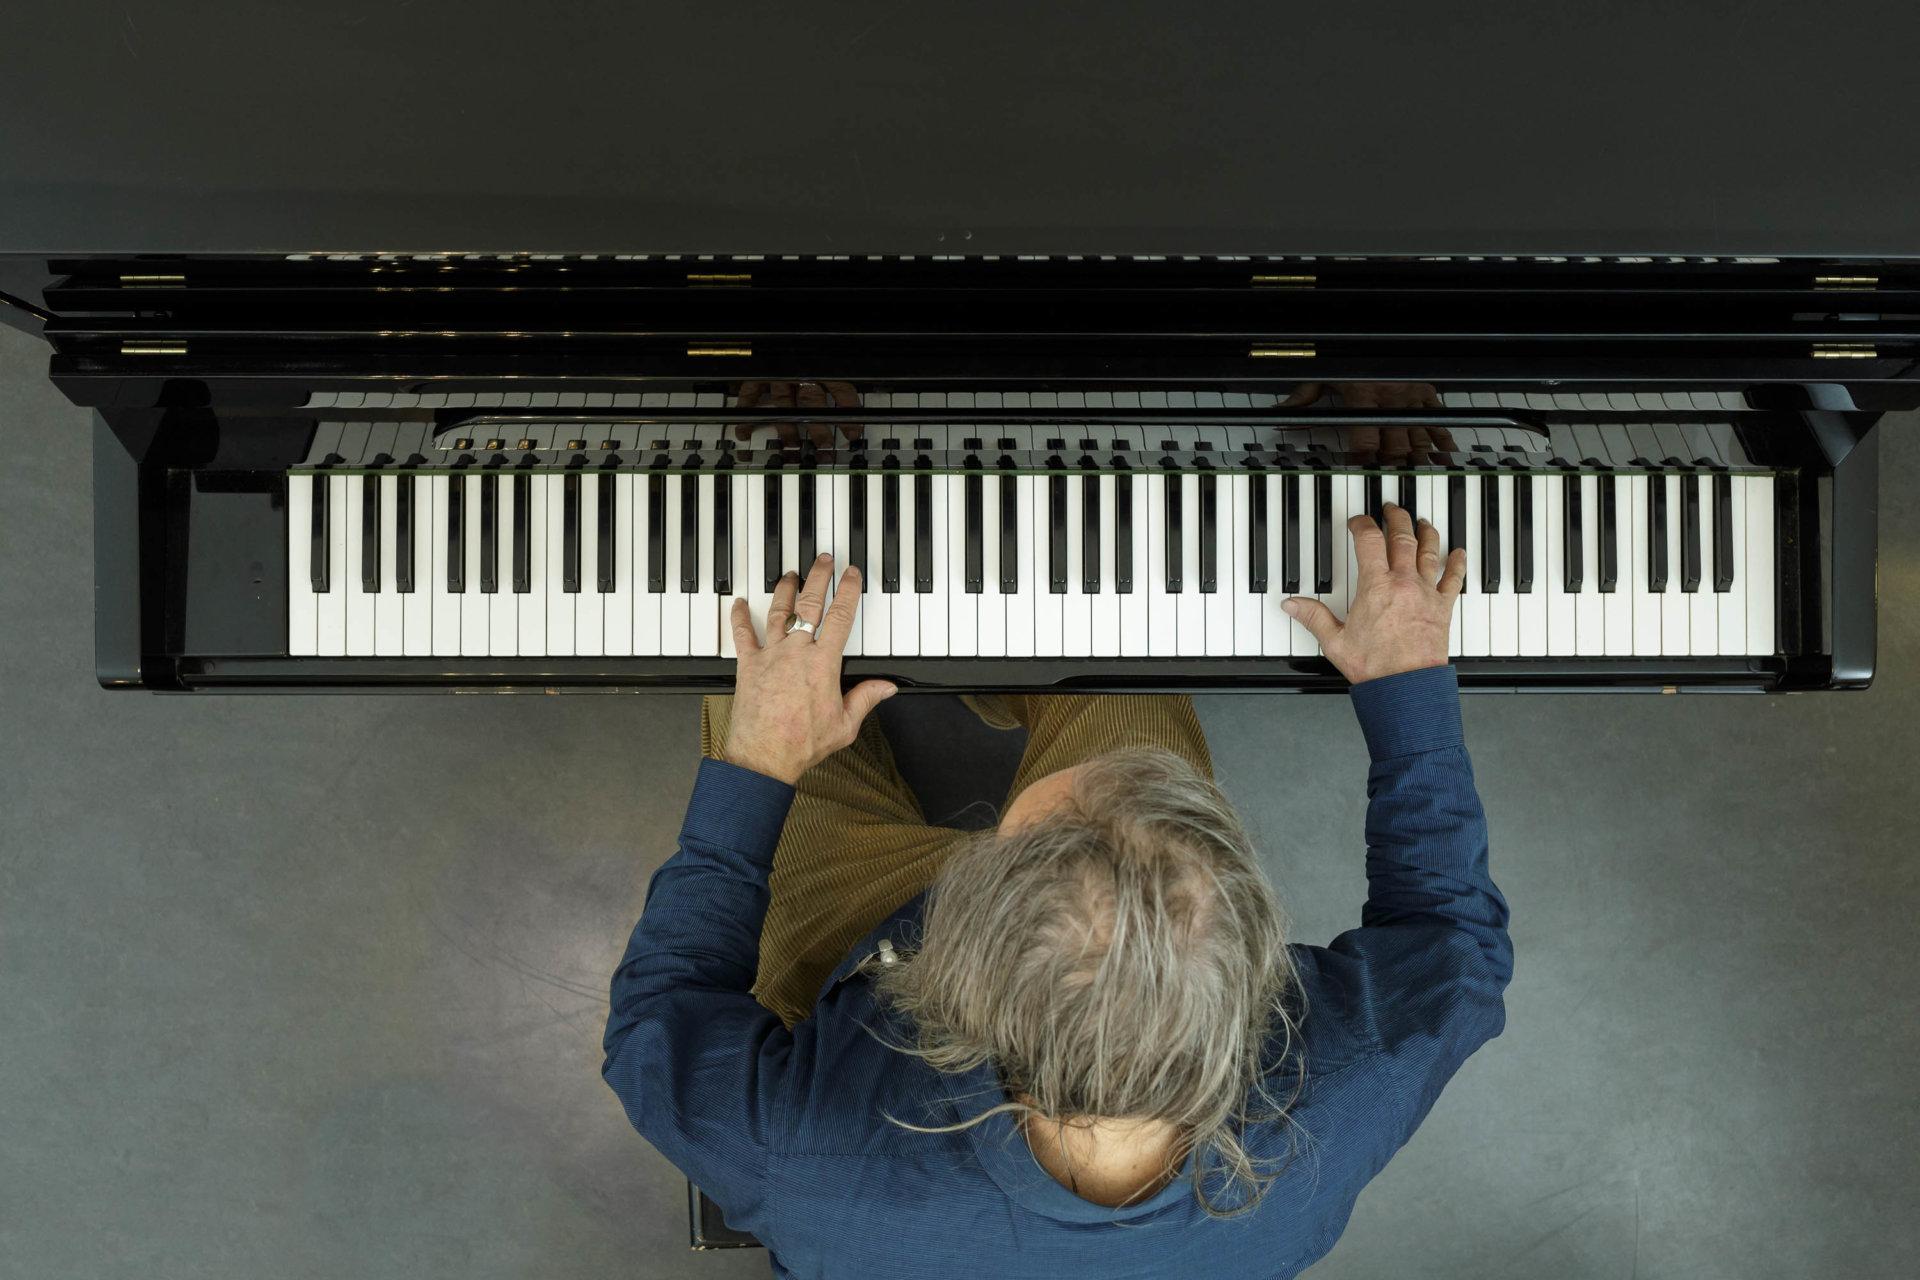 1, Admiralspalast, DRUCKEN!, Hände, Kultur, Lubomyr Melnyk, MASTERBILD, Pianist, Porträt, Projekt, Serie, arzt, klavier, konzert, meisterfinger, musik, musiker, piano, tasten